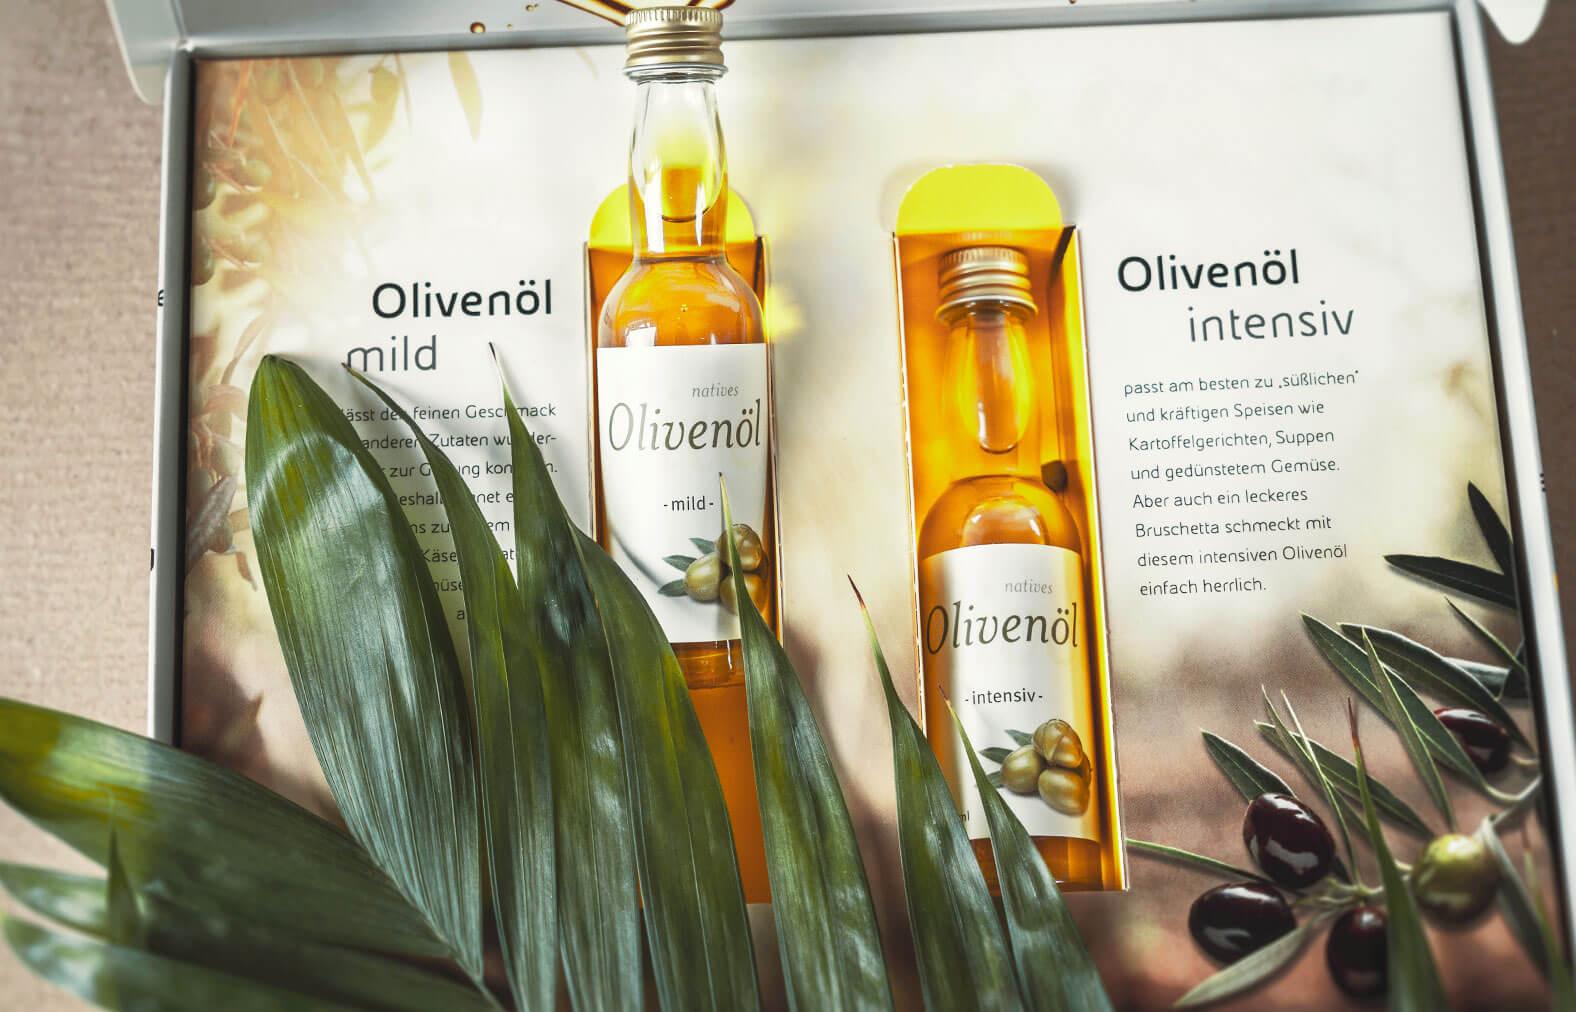 Eni Mailing Detailaufnahme Olivenöl-Flaschen